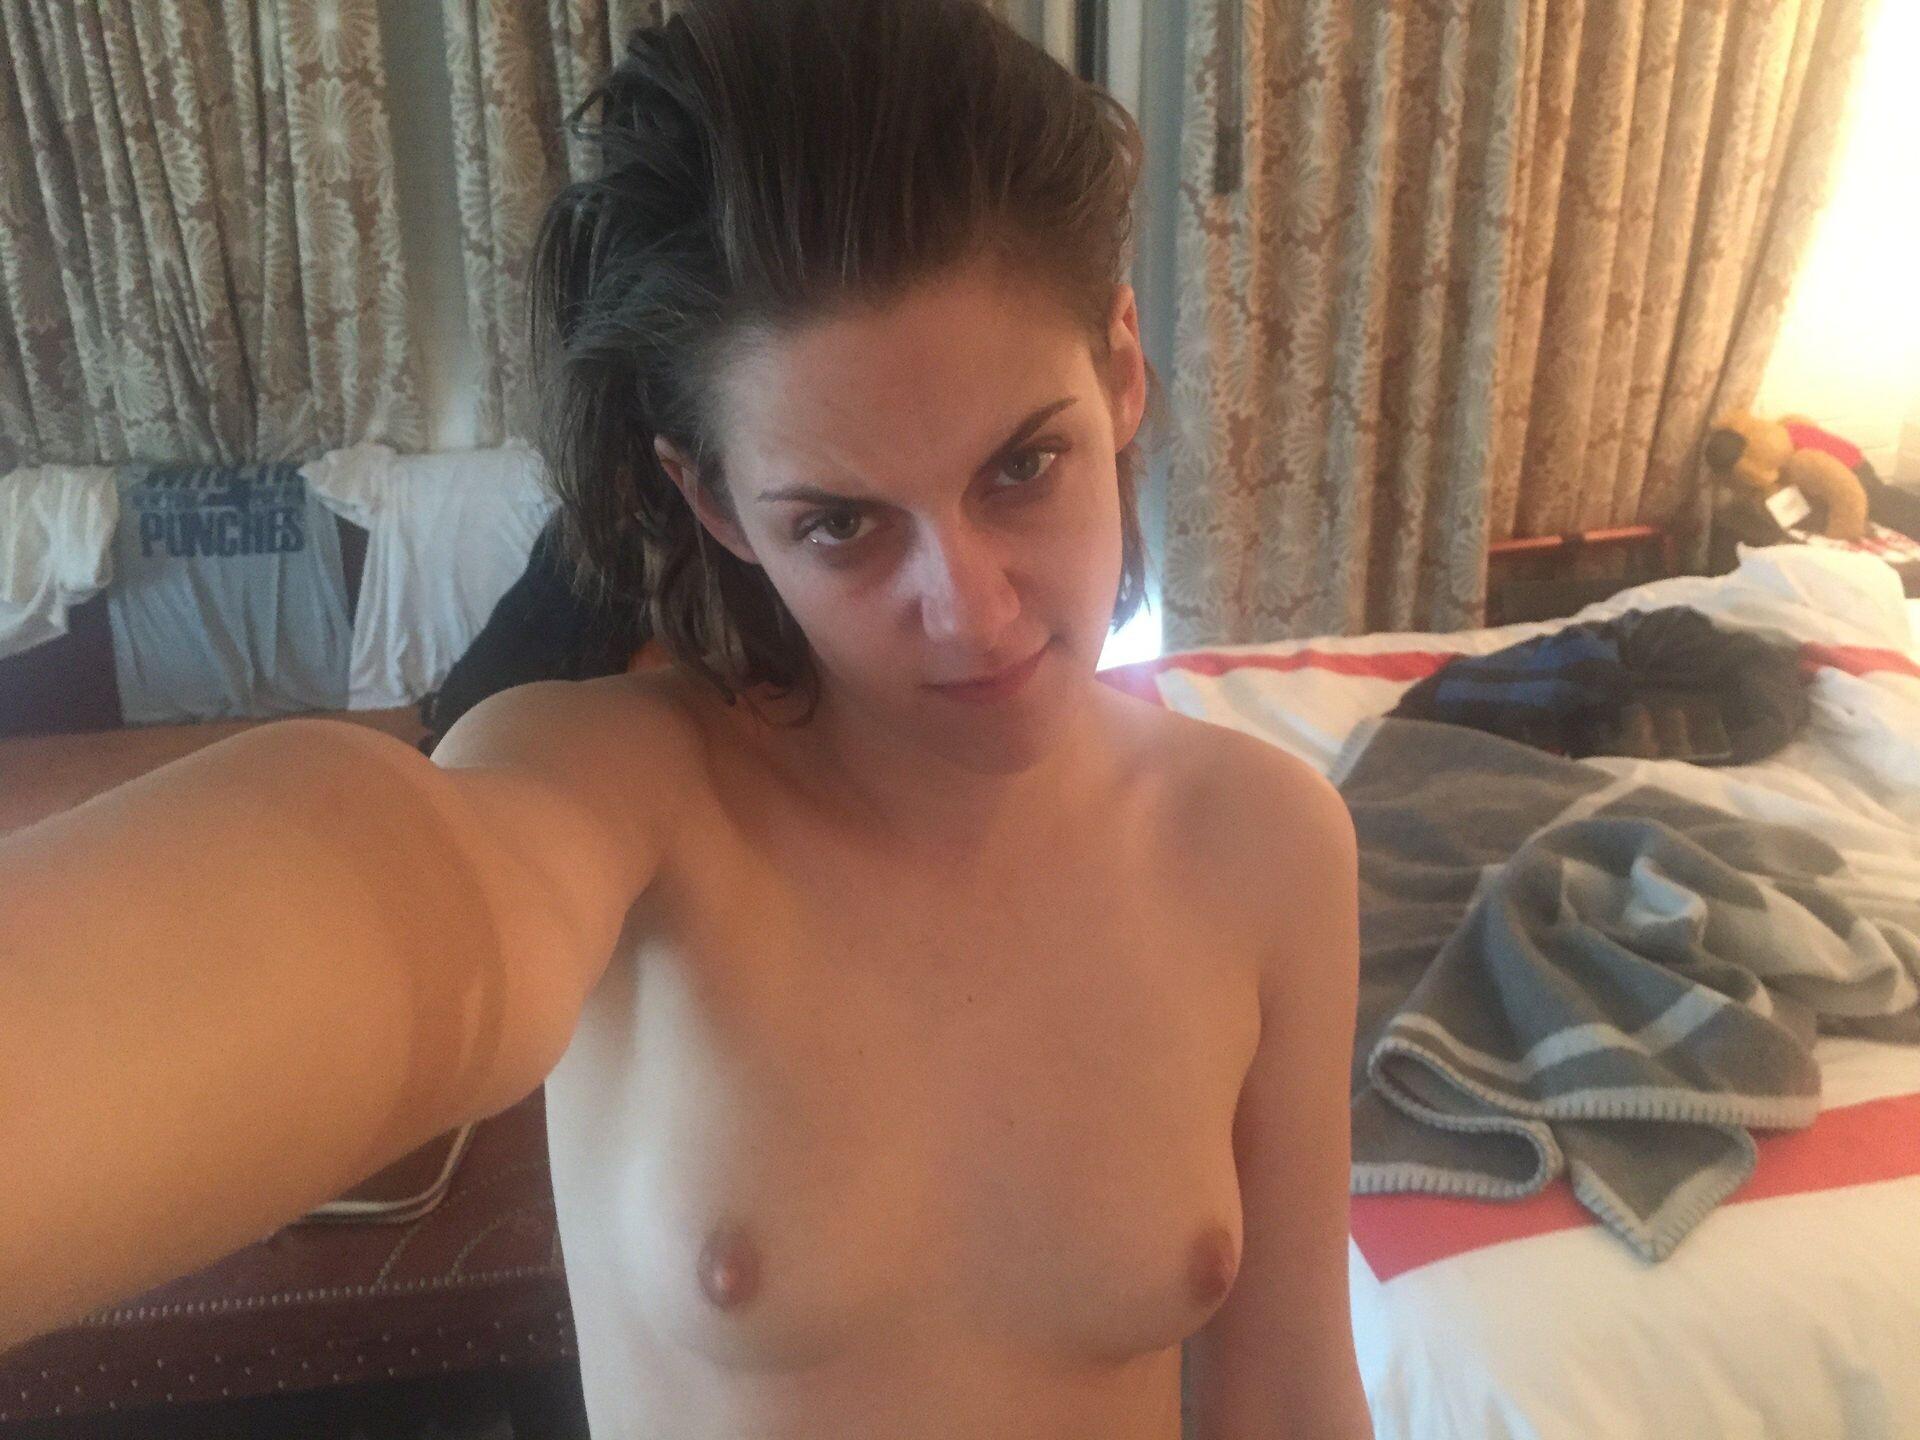 Kristen Stewart Nude Leaked 32 fappenings.com